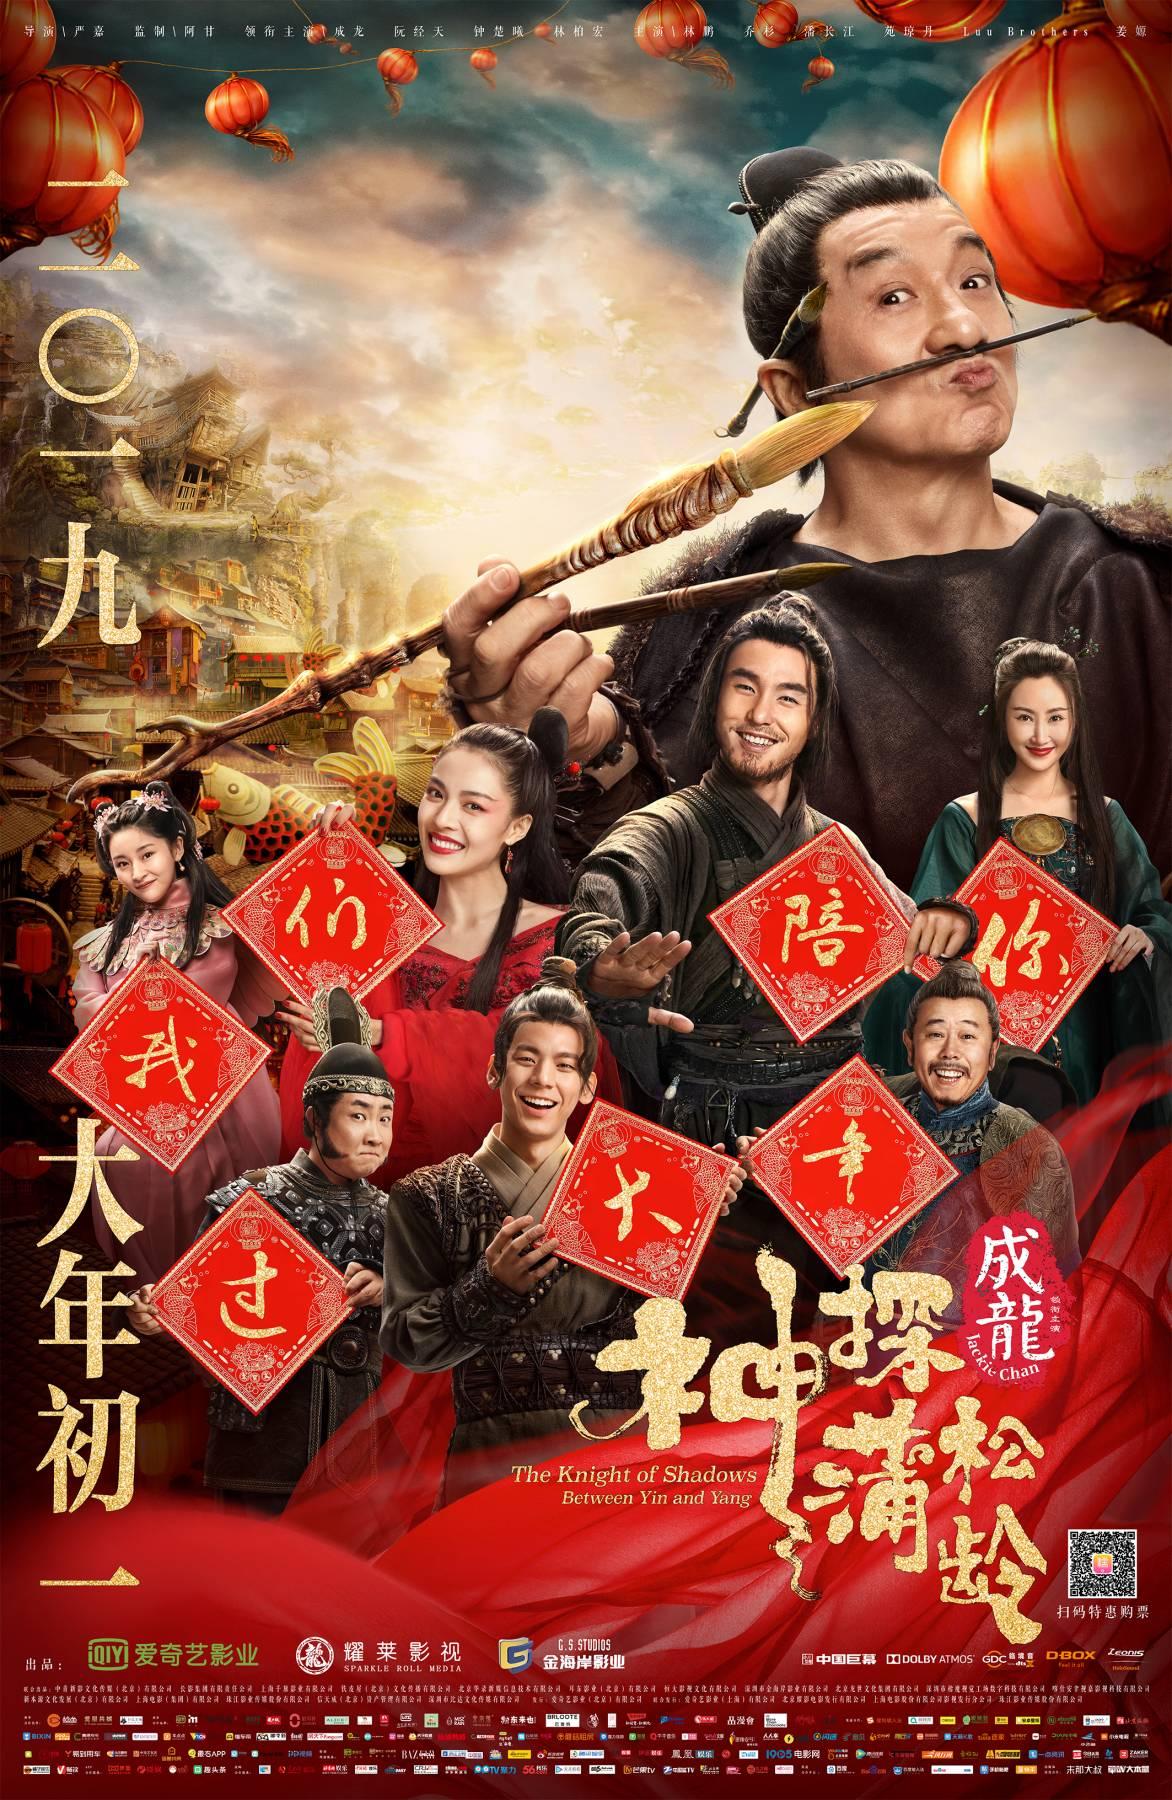 Shen tan pu song ling (2019)